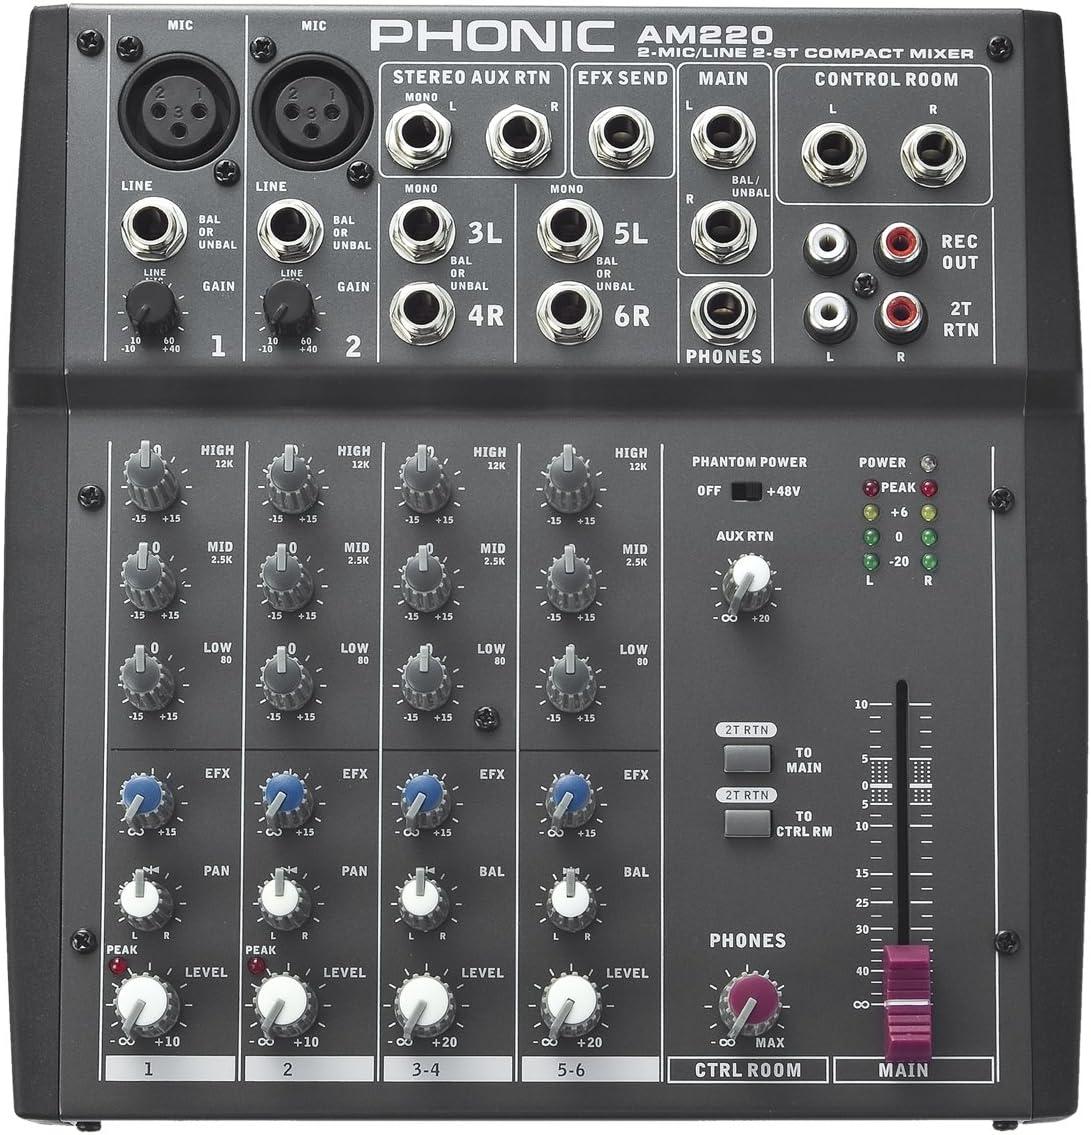 Phonic AM220, mesa de mezclas.: Amazon.es: Instrumentos musicales